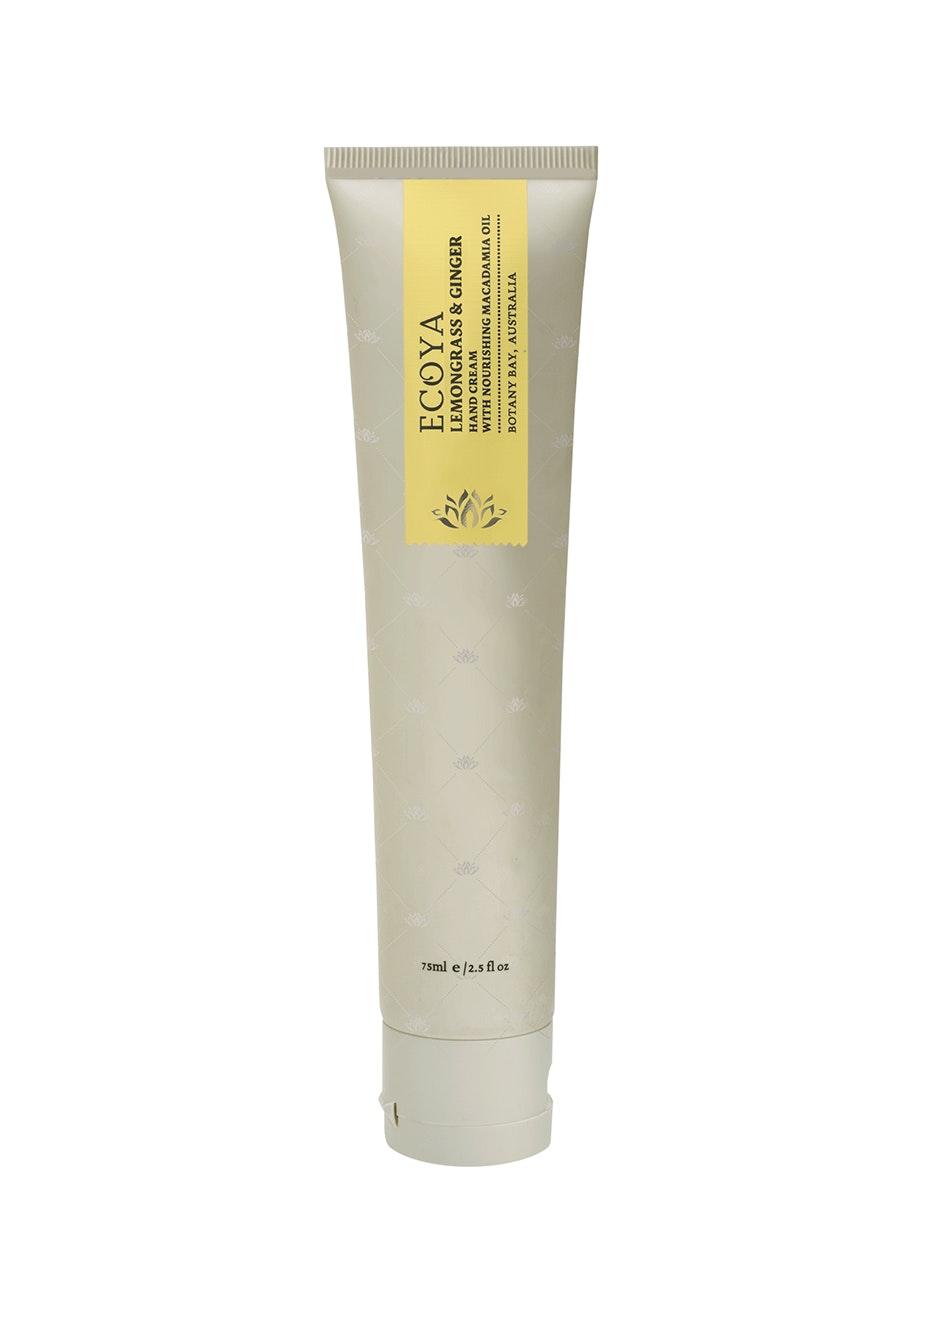 Ecoya - Hand Cream 75Ml - Lemongrass & Ginger